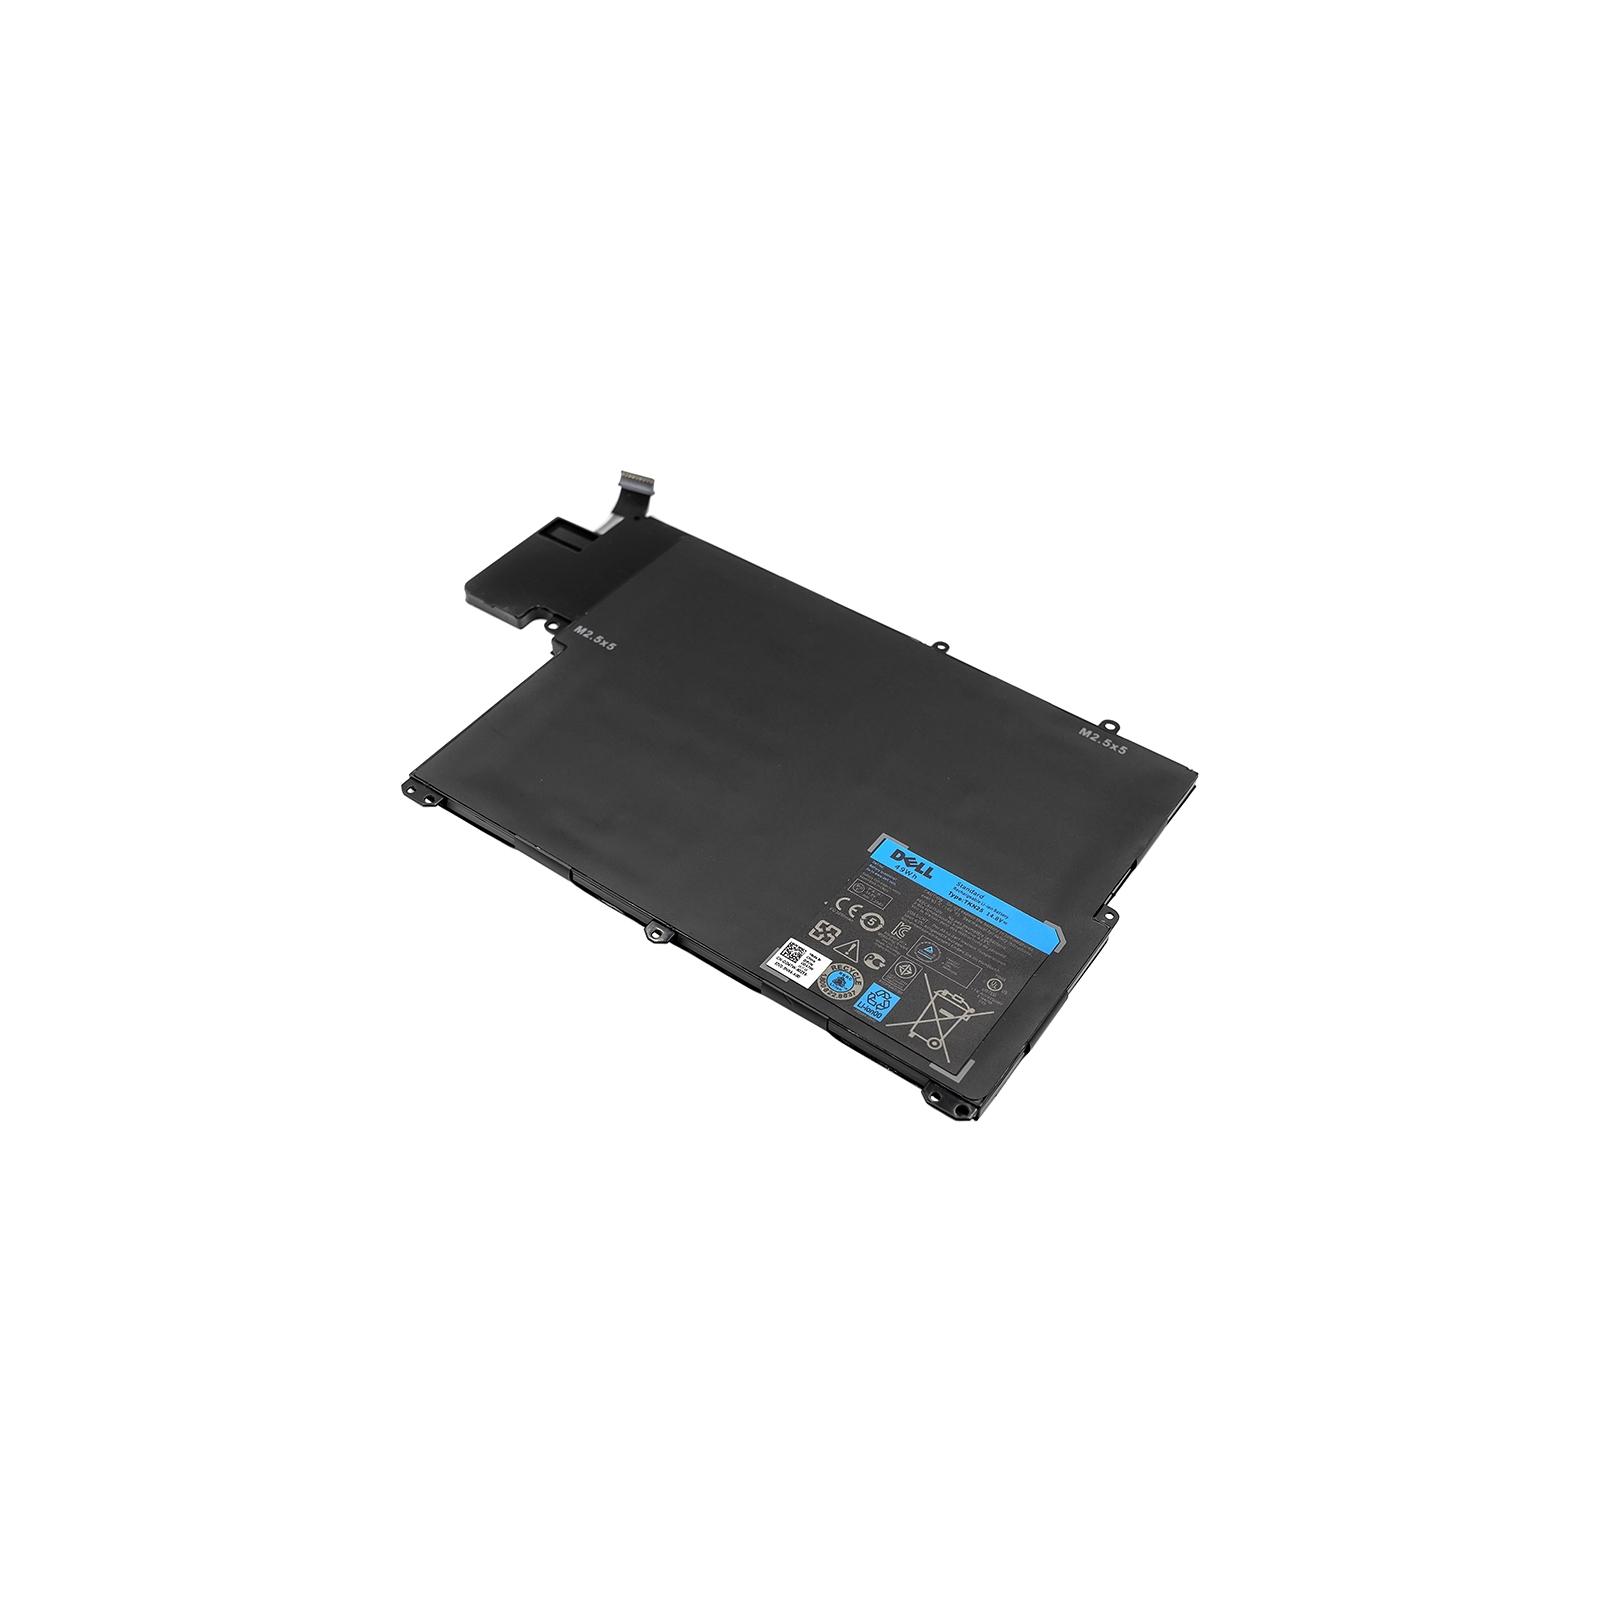 Аккумулятор для ноутбука Dell Inspiron 13z-5323 (TKN25) 14.8V 49Wh (NB440955)